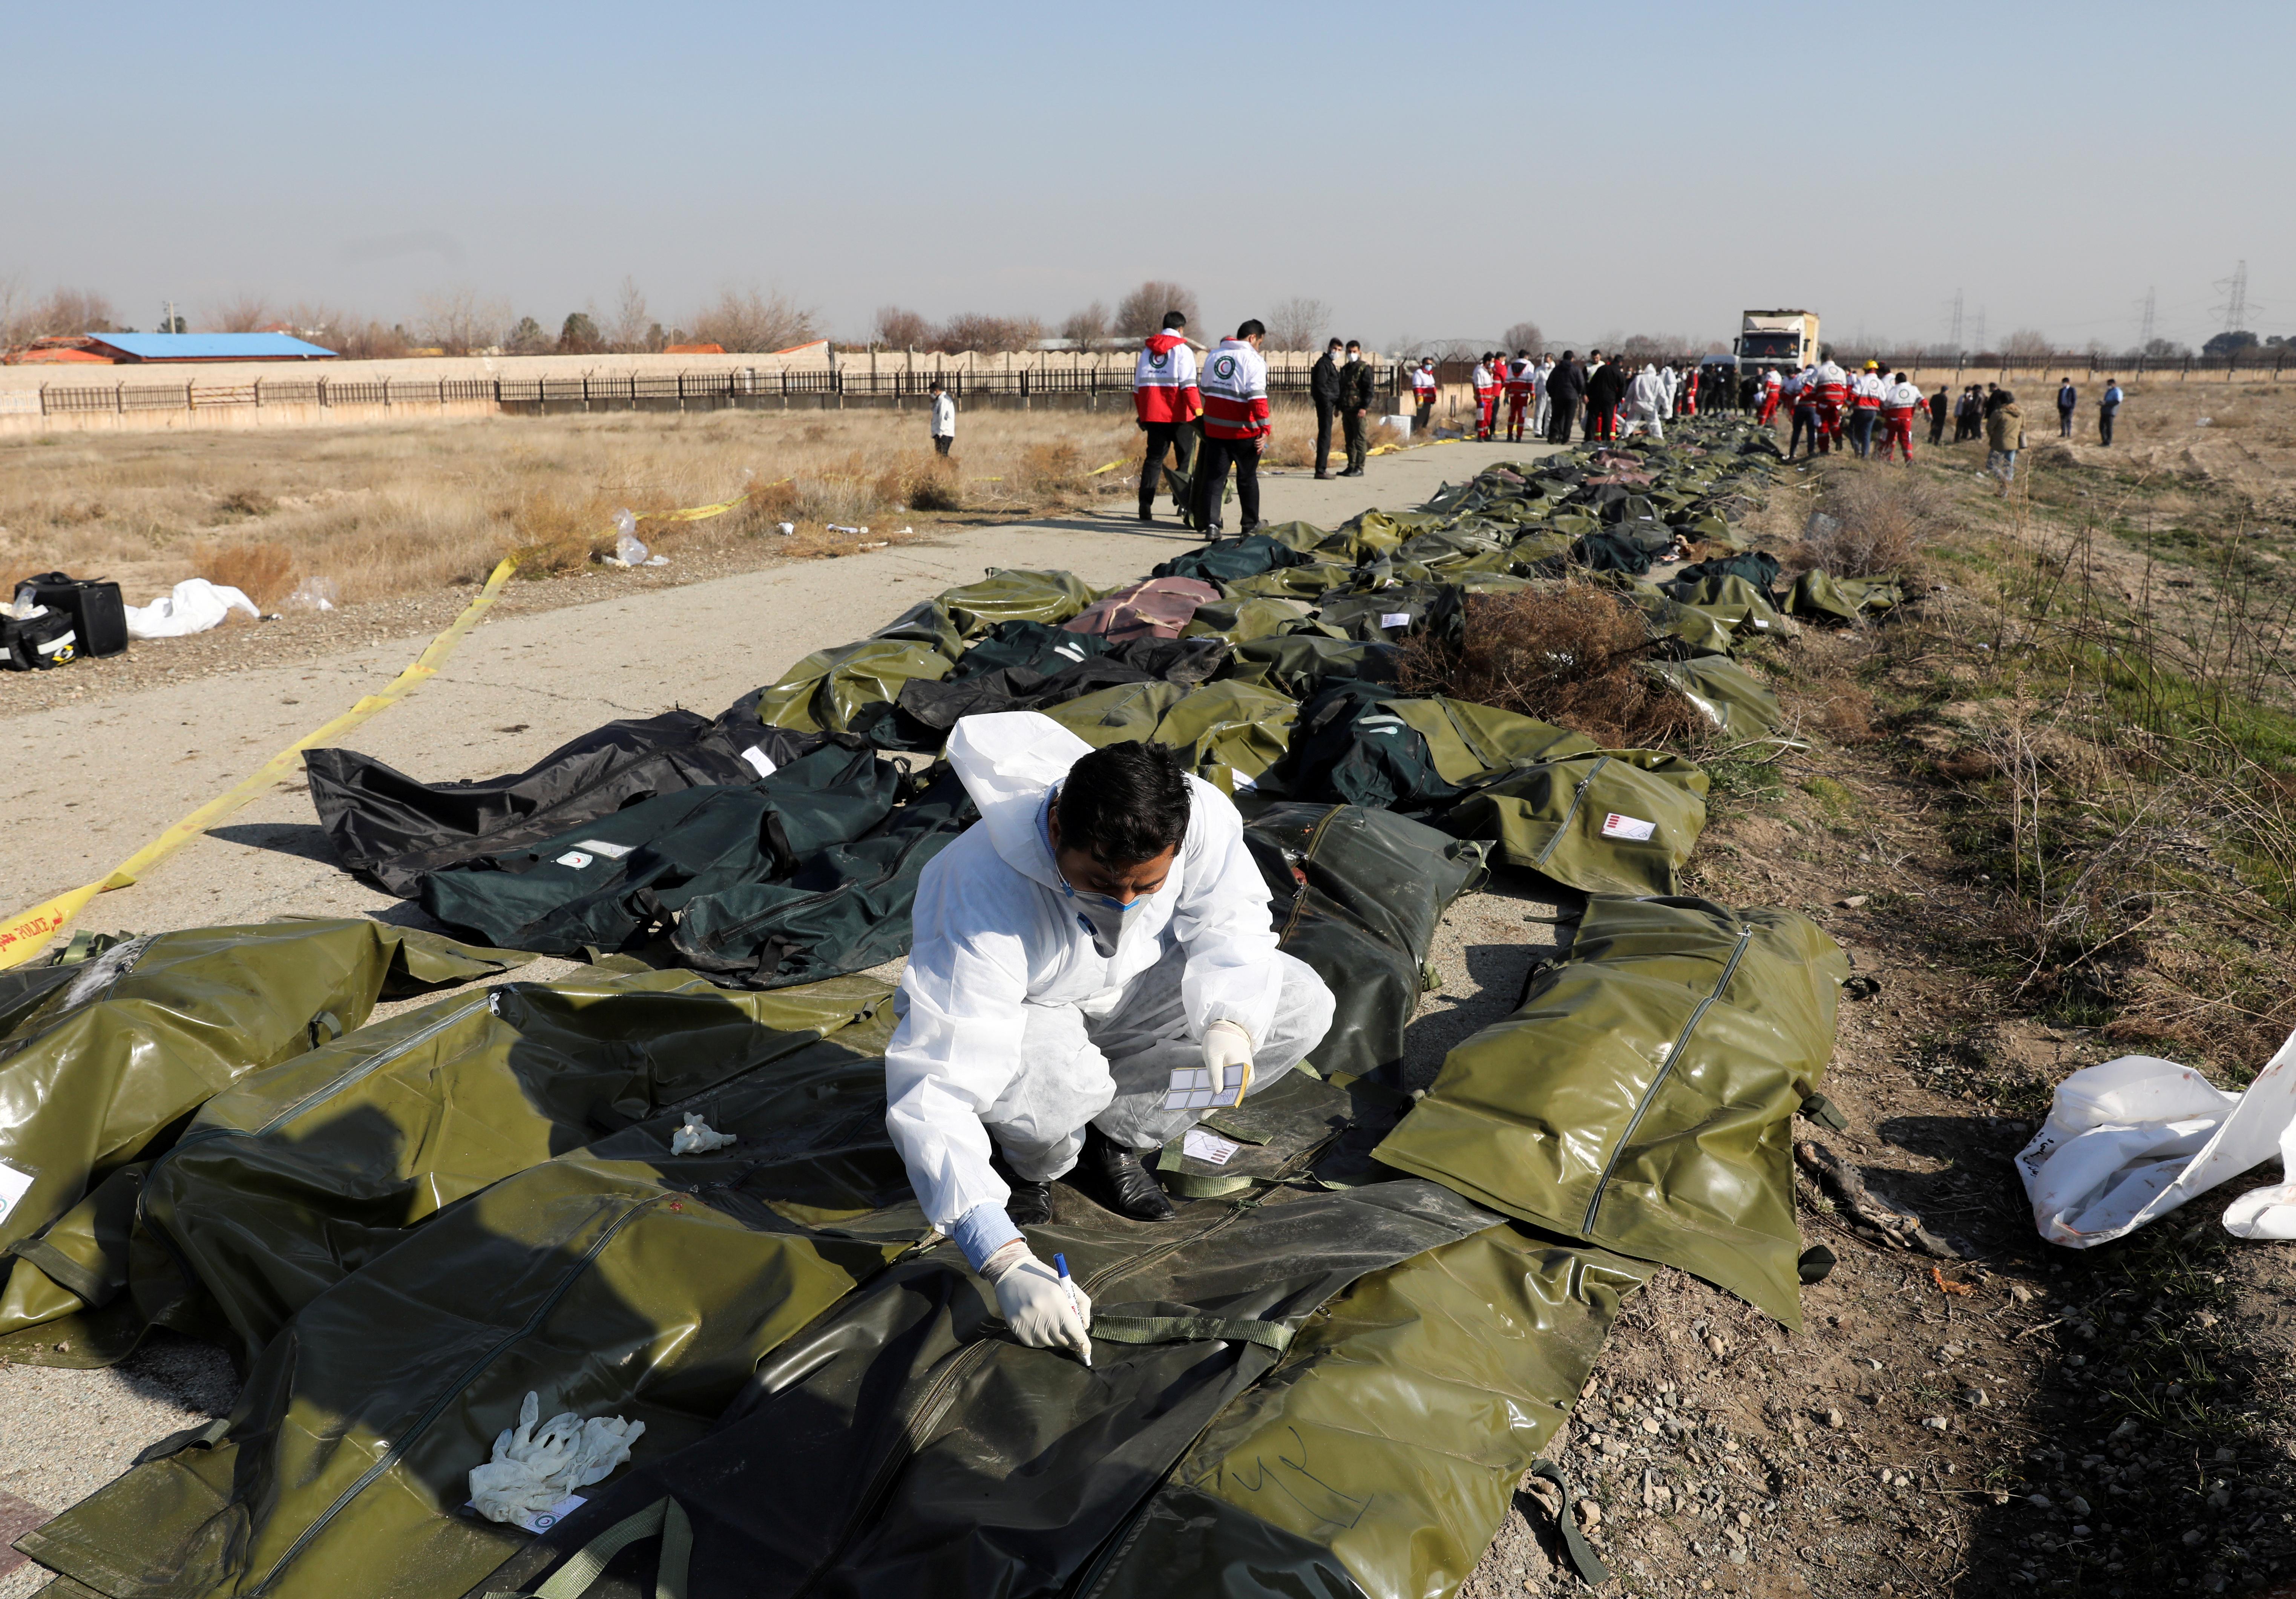 Murieron todos los pasajeros del avión (REUTERS)